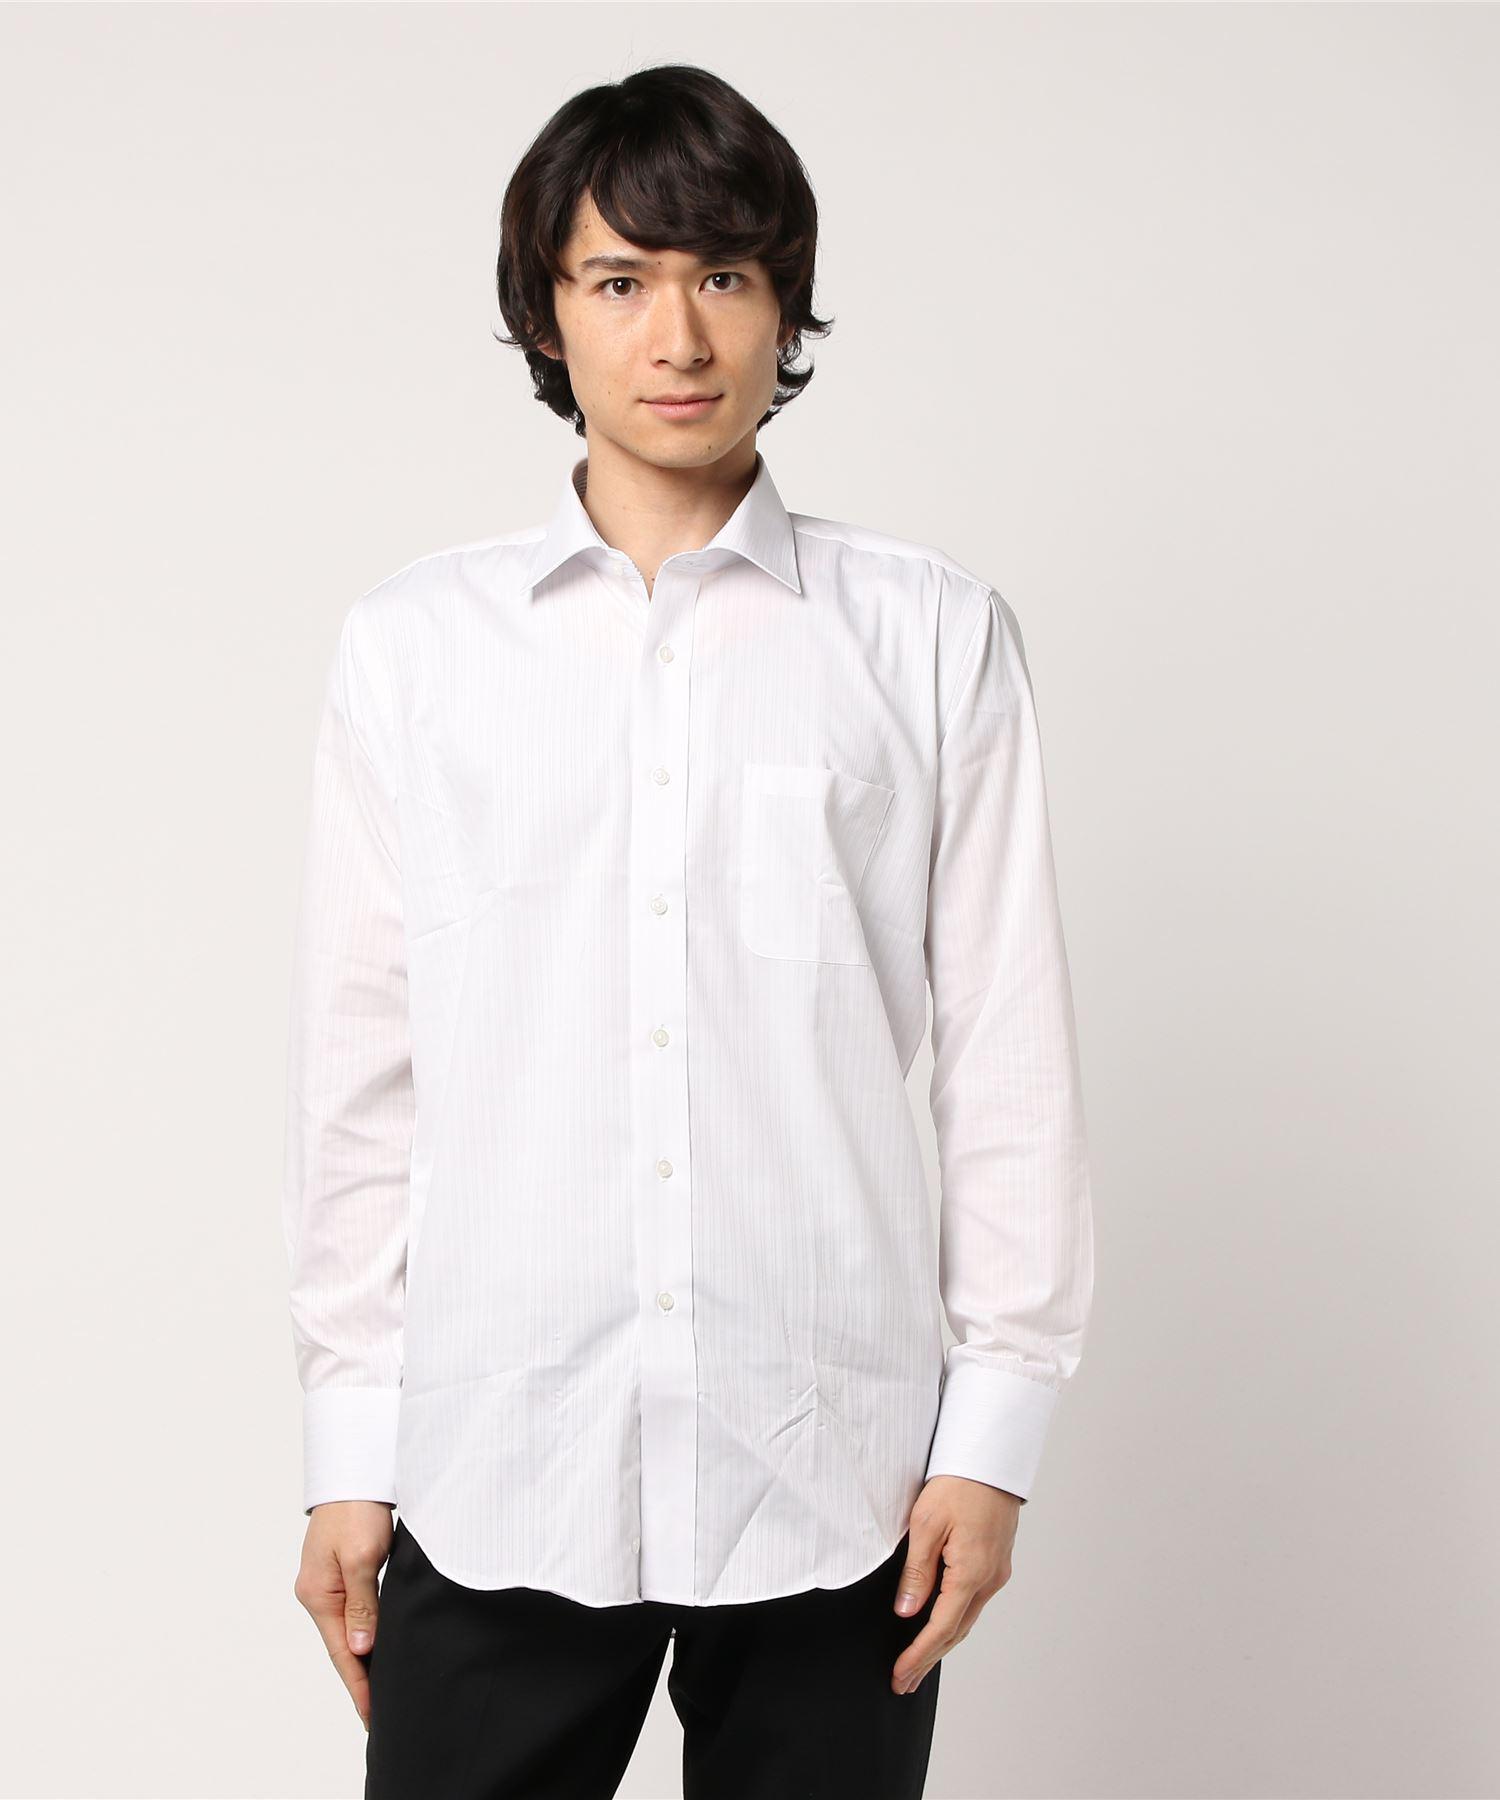 形態安定 白ドビーセミワイド 長袖シャツ